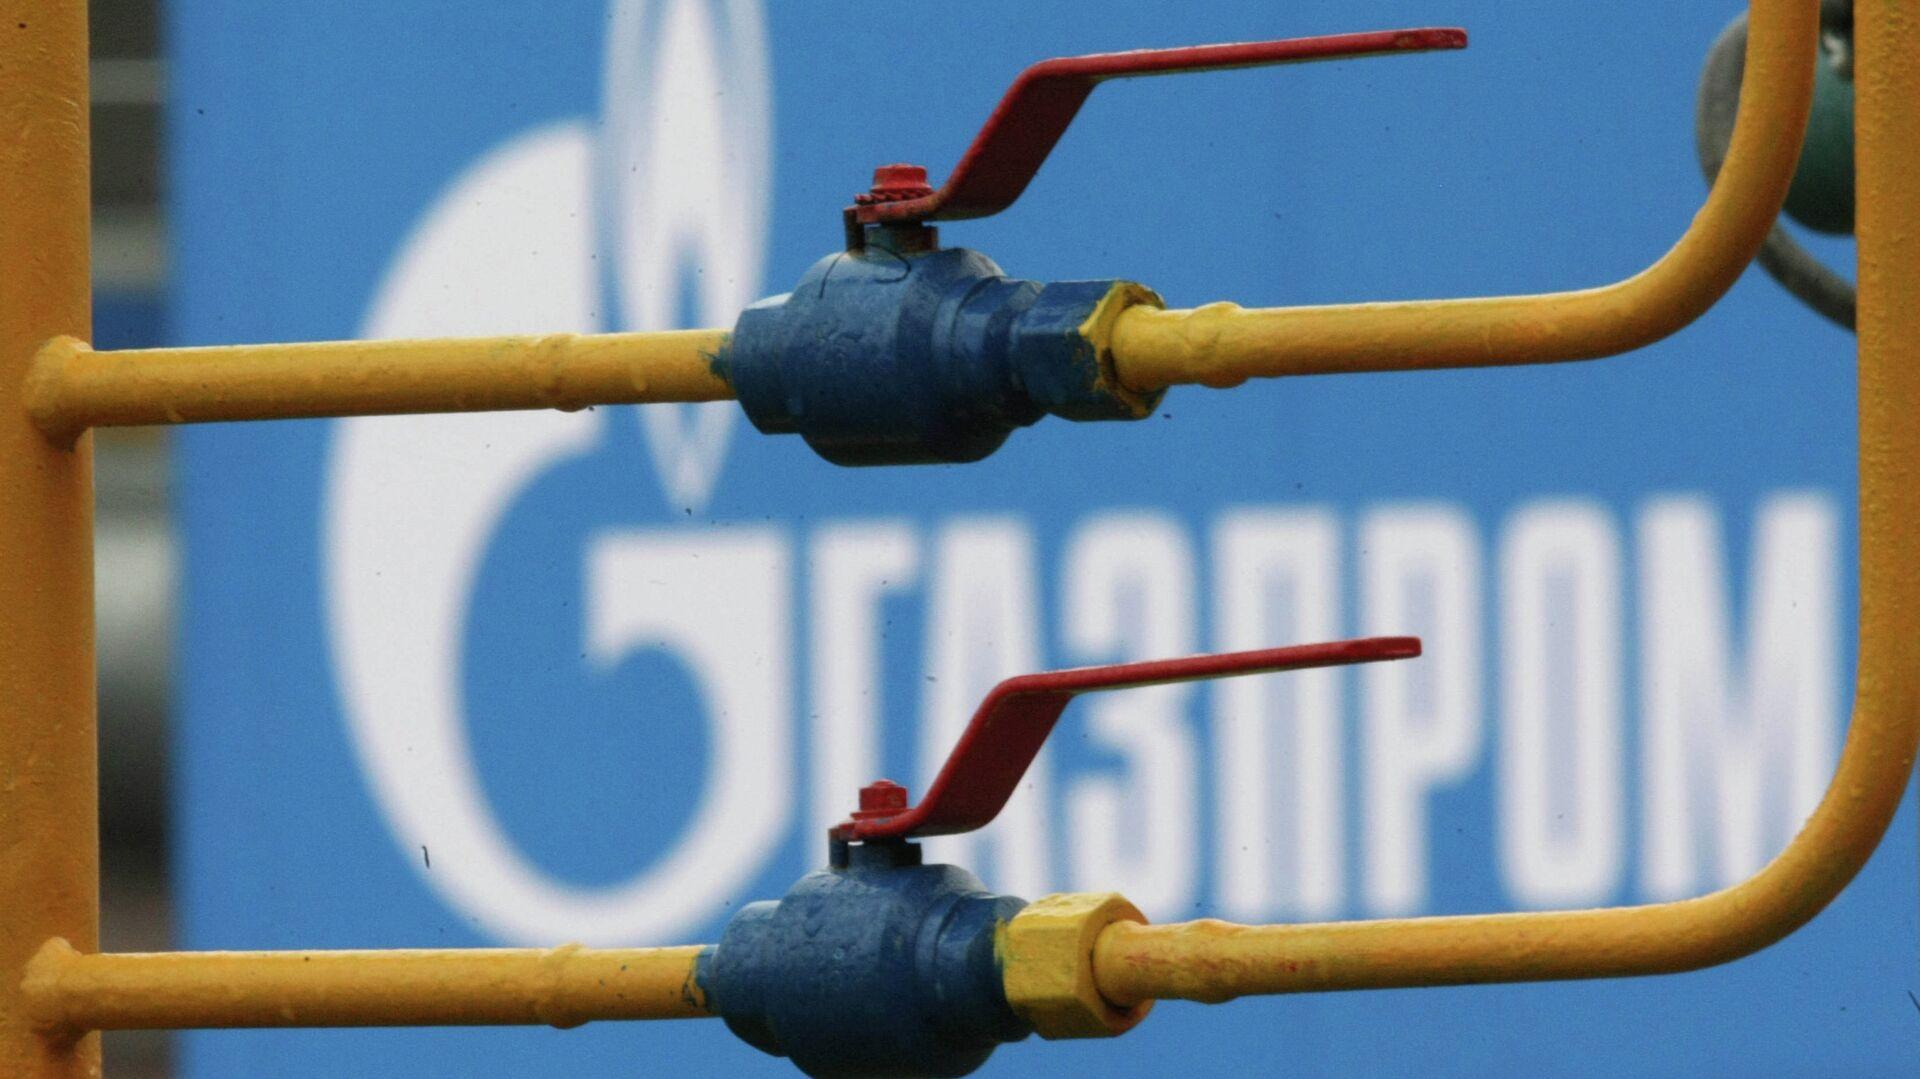 """Снабдевање гасом кроз Турску не подразумева достављање гаса до крајњег корисника, као што је планирано """"Јужним током"""", већ до саме границе, и то по принципу """"узми или плати"""" - Sputnik Србија, 1920, 27.09.2021"""